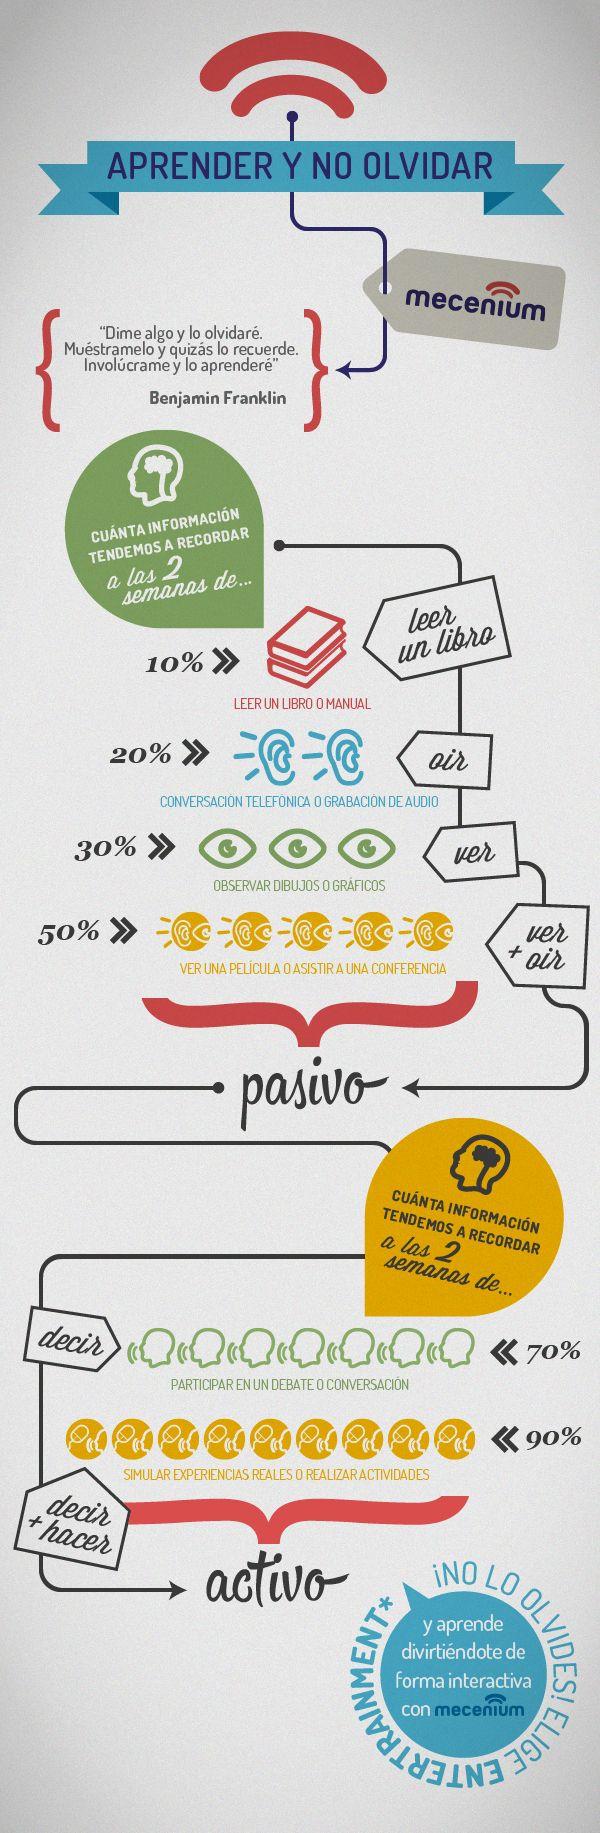 Hola: Una infografía sobre cómo aprender y no olvidar. Vía Un saludo Fuente de la imagen: mecenium.com